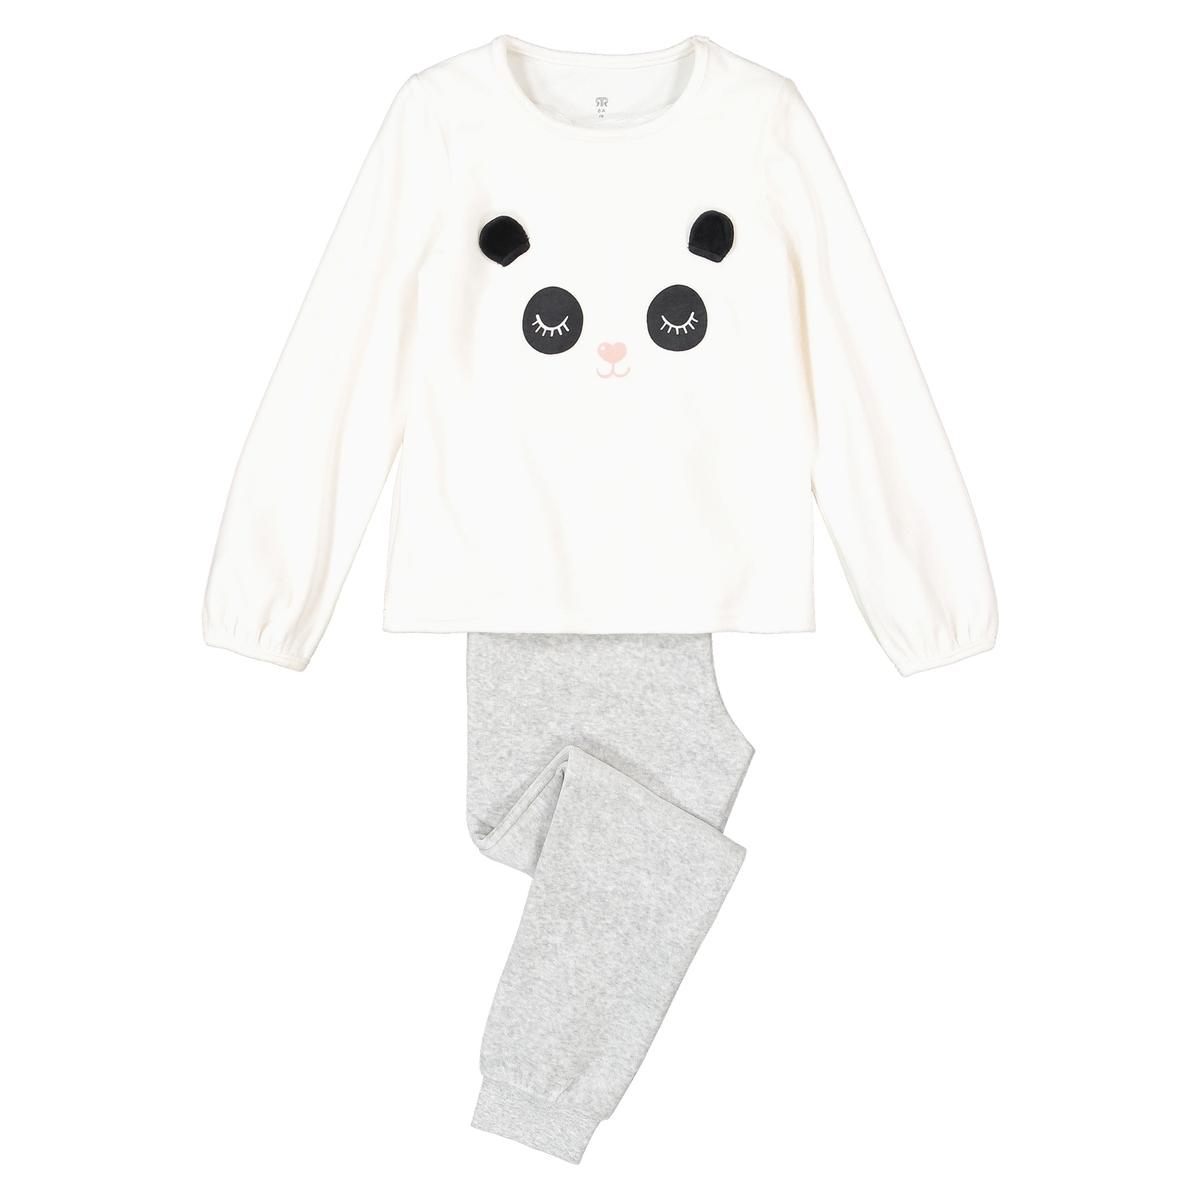 Пижама La Redoute Из велюра с рисунком панда 12 лет -150 см бежевый пижама la redoute из велюра с рисунком панда 12 лет 150 см бежевый